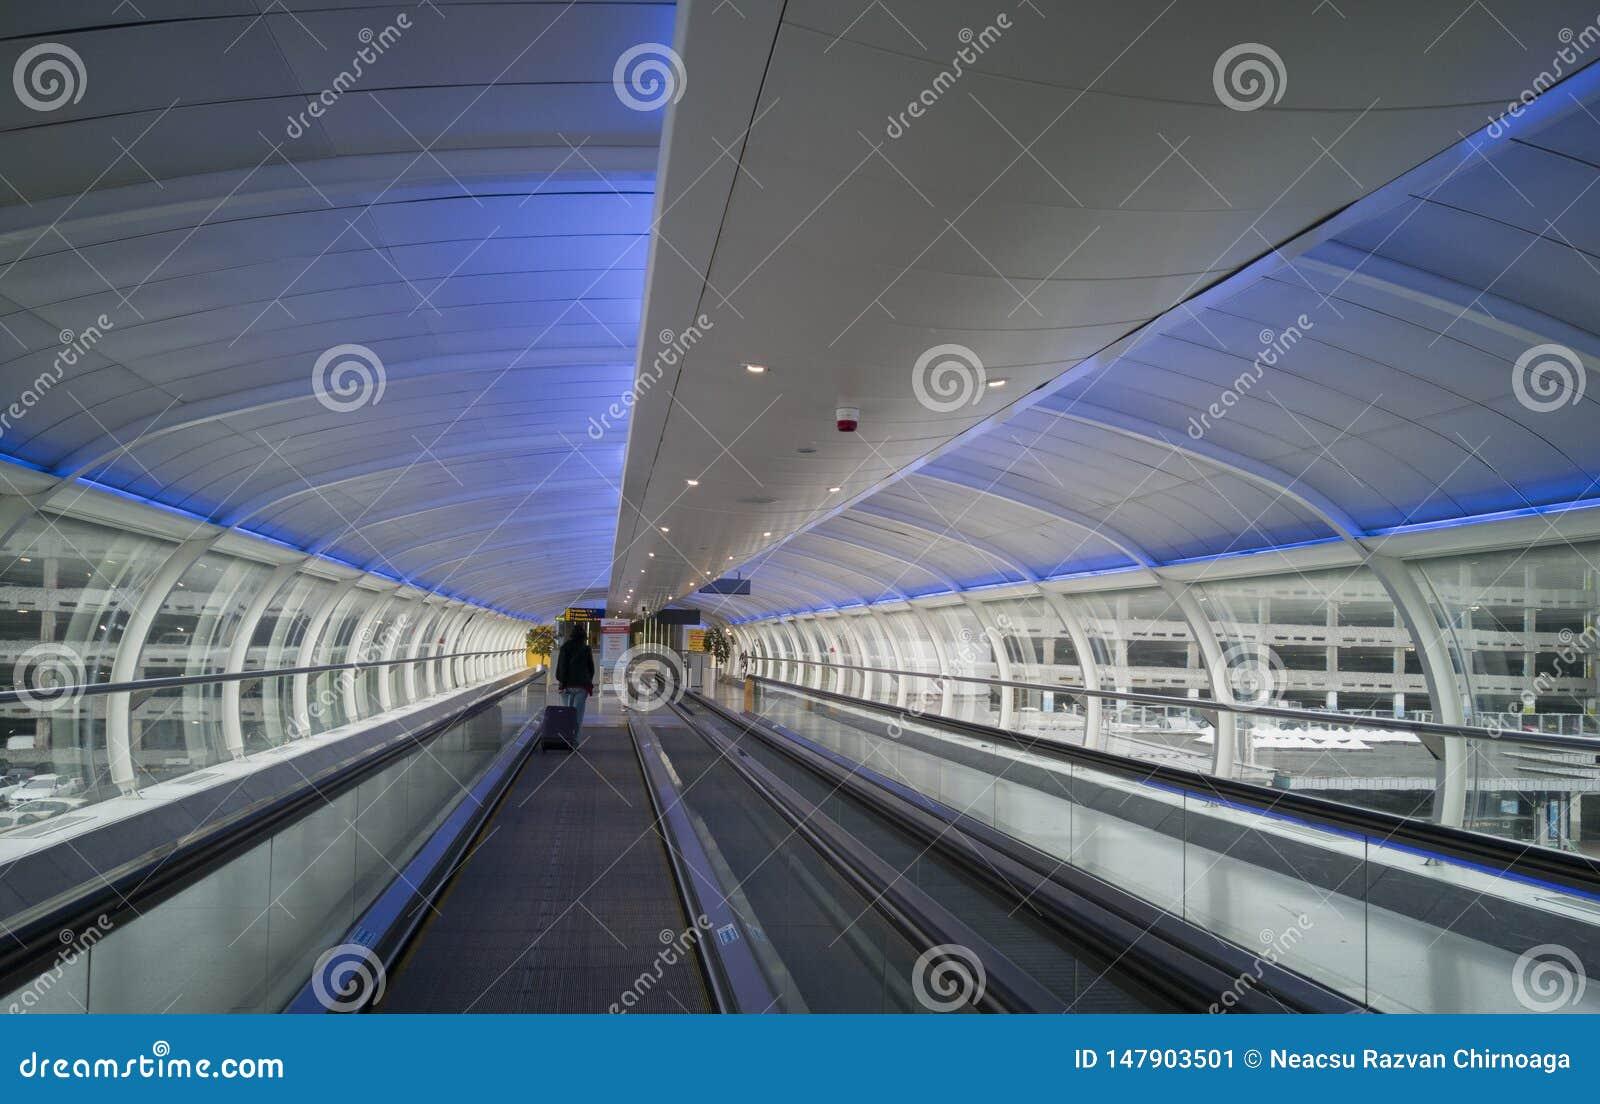 Innerhalb des modernen Anschlusses von Manchester-Flughafen am 5. Juni 2018 in Manchester, England